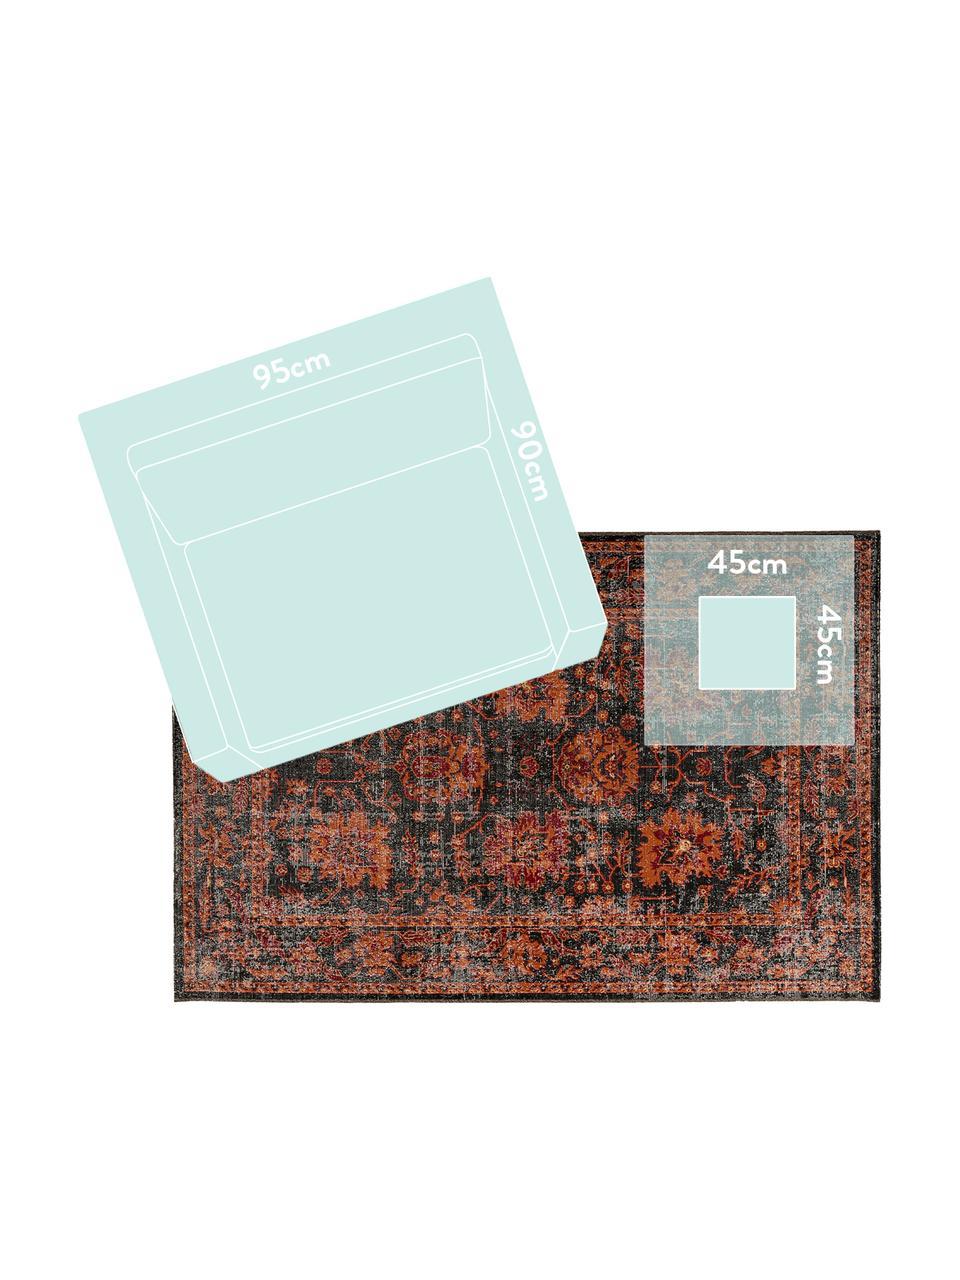 Tappeto orientale arancione/grigio da interno-esterno My Tilas, 100% polipropilene, Antracite, arancione, rosso, Larg. 80 x Lung. 150 cm (taglia XS)